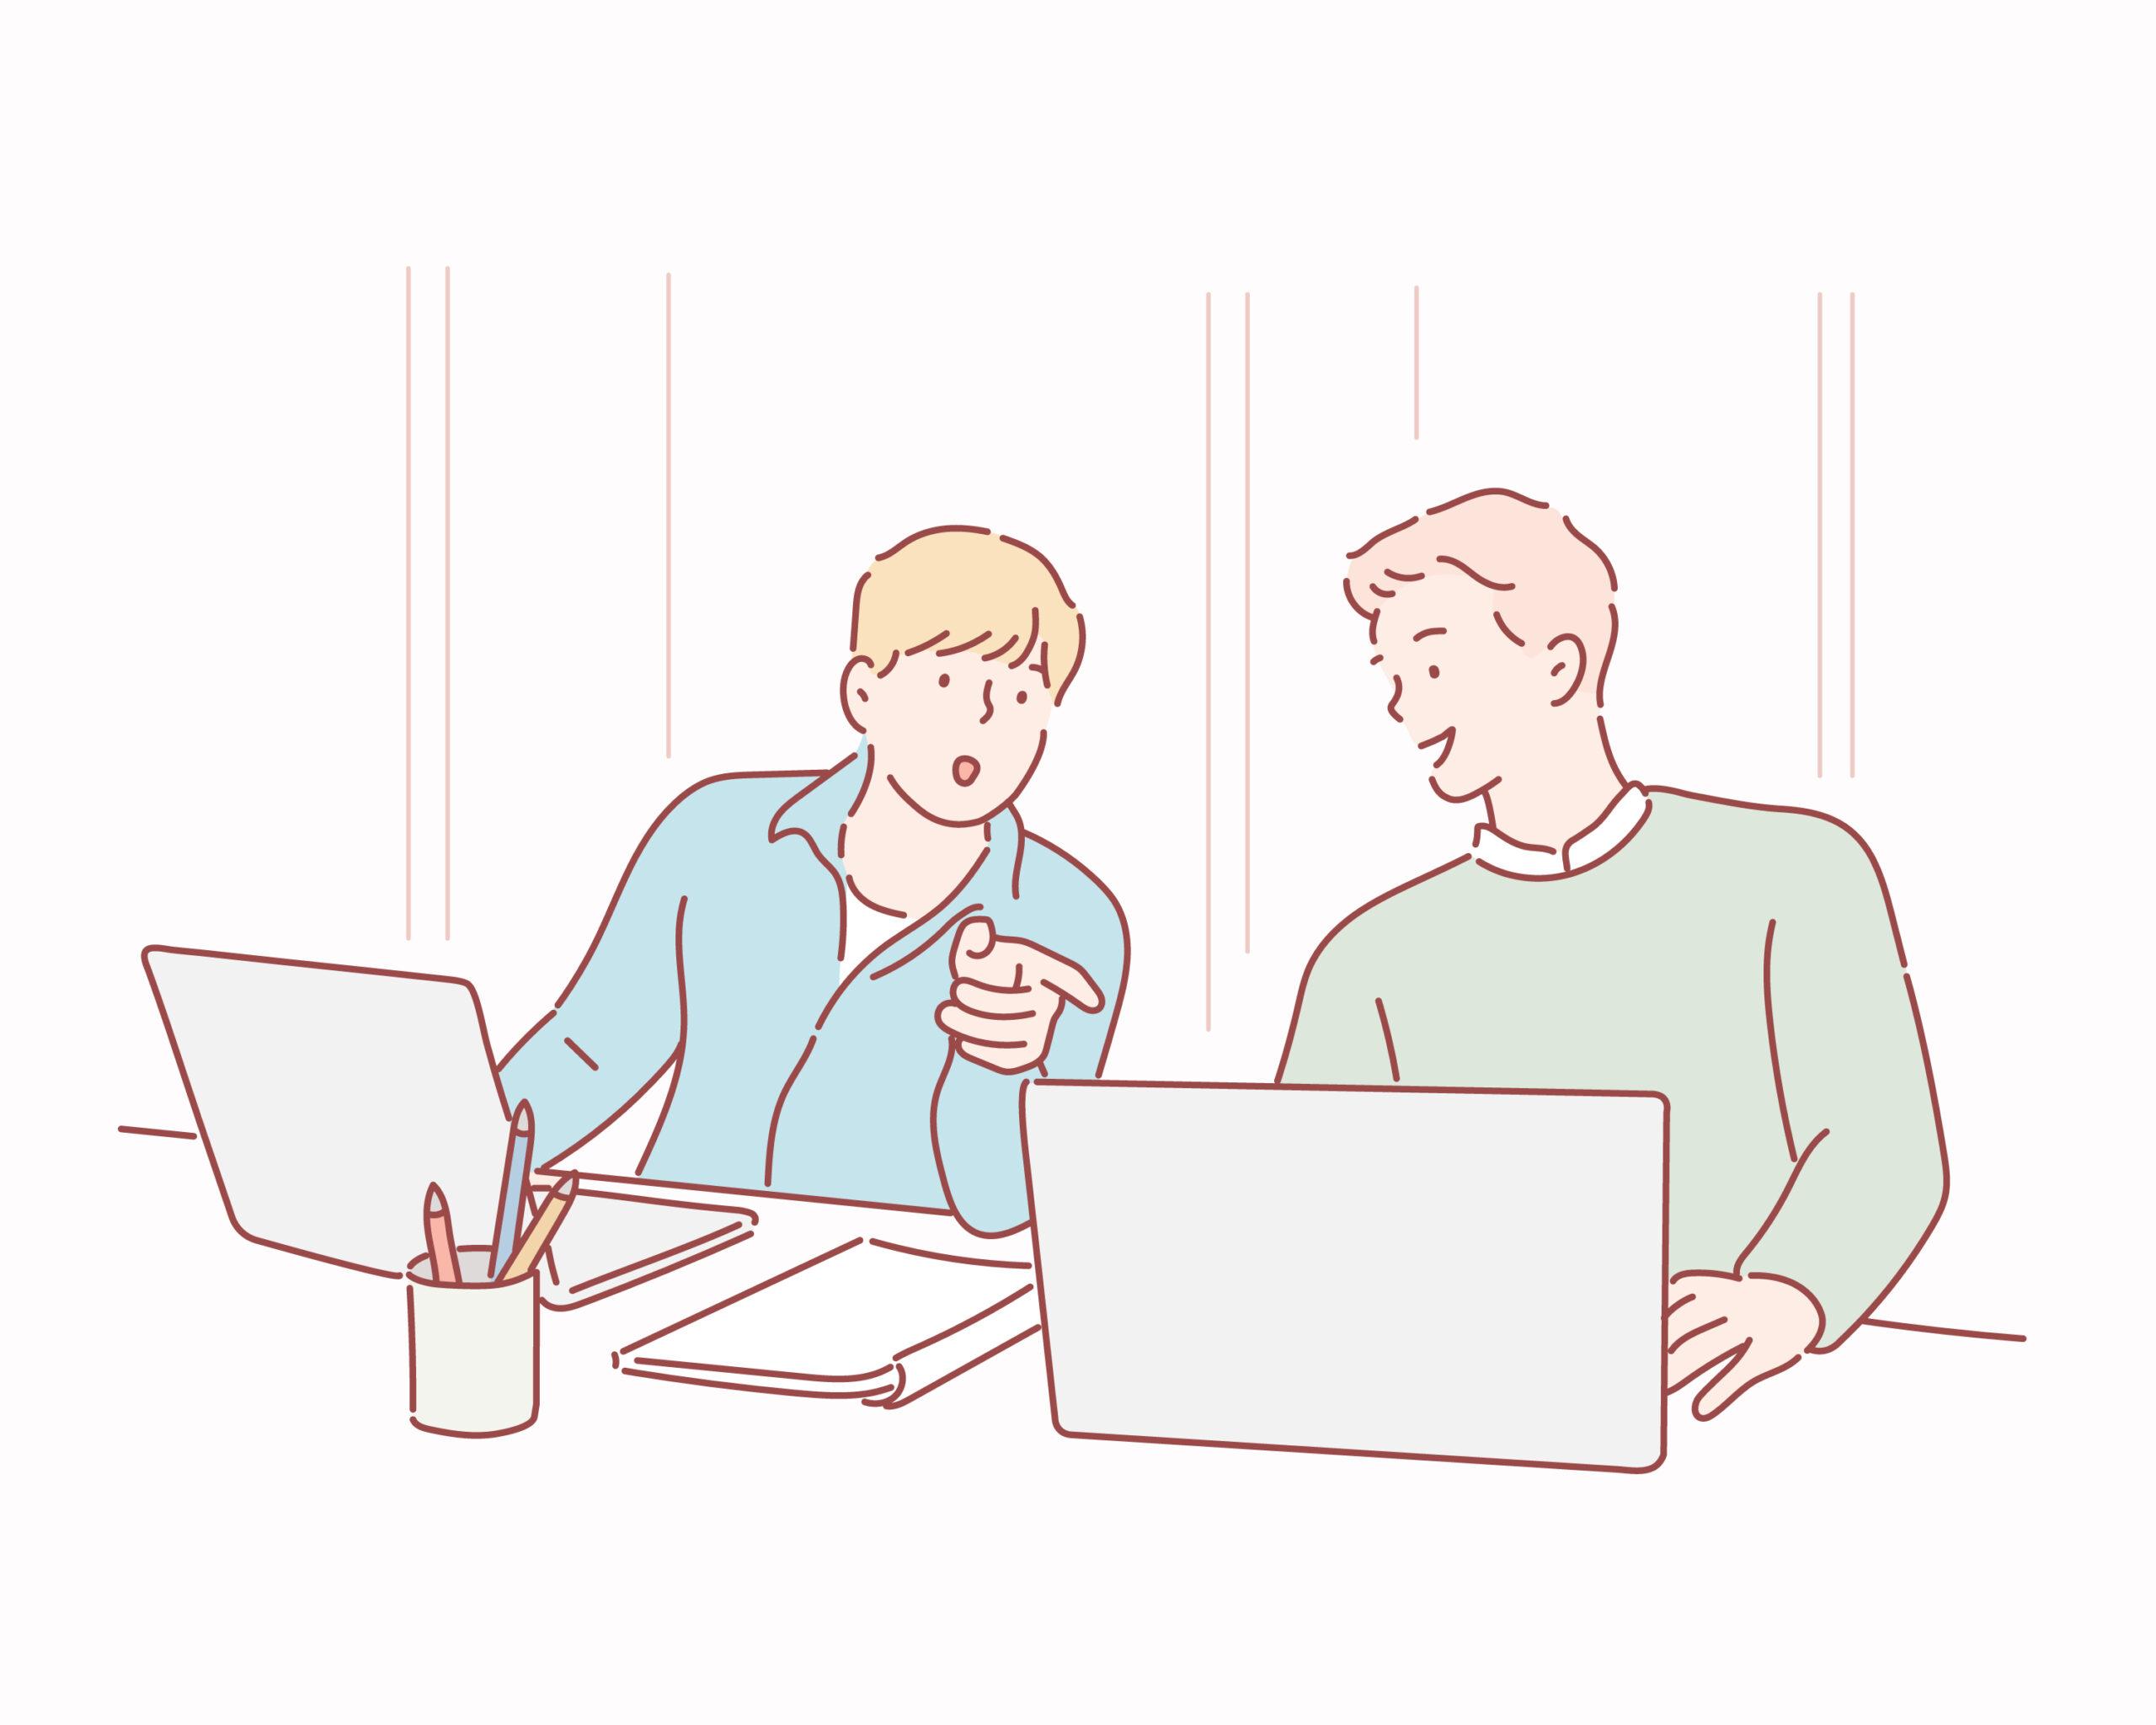 ブログ初心者が100記事書くといくら稼げるの?【収益とアクセス数を公開します】